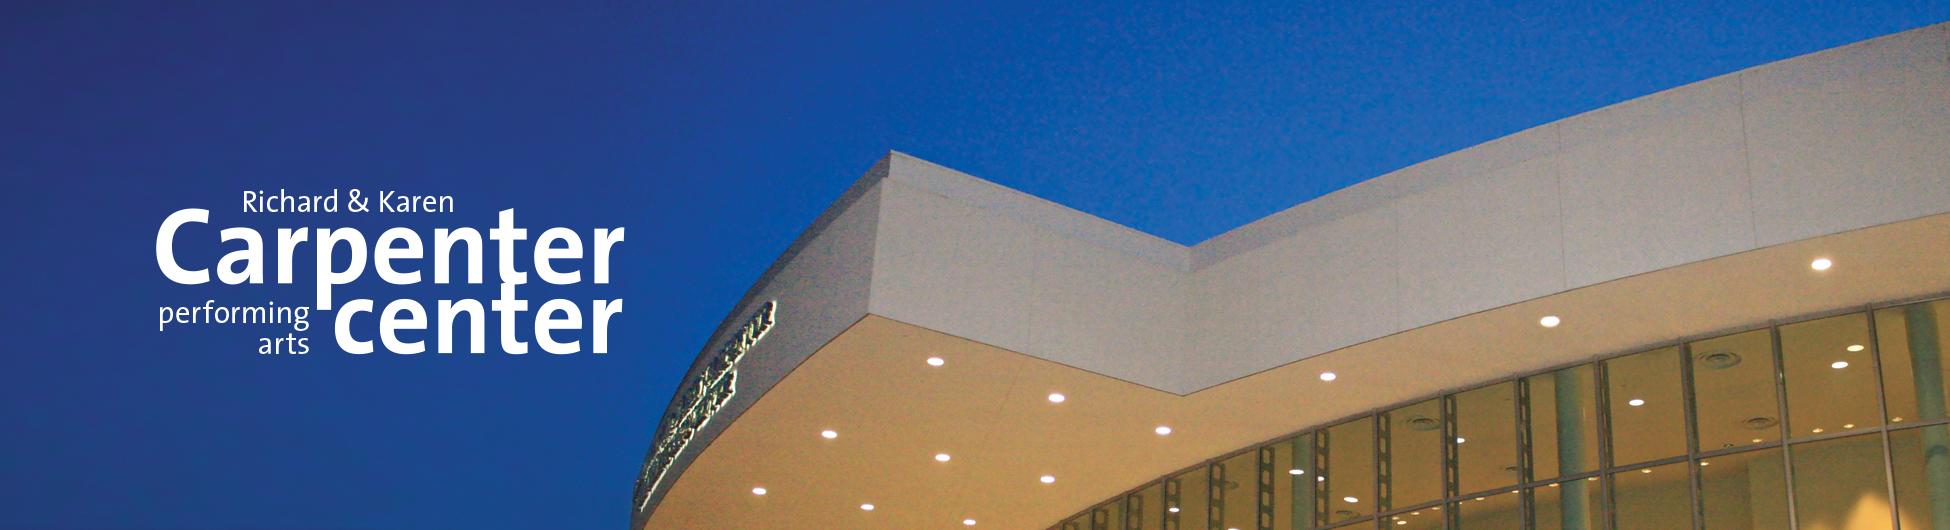 Exterior of the Carpenter Center facade